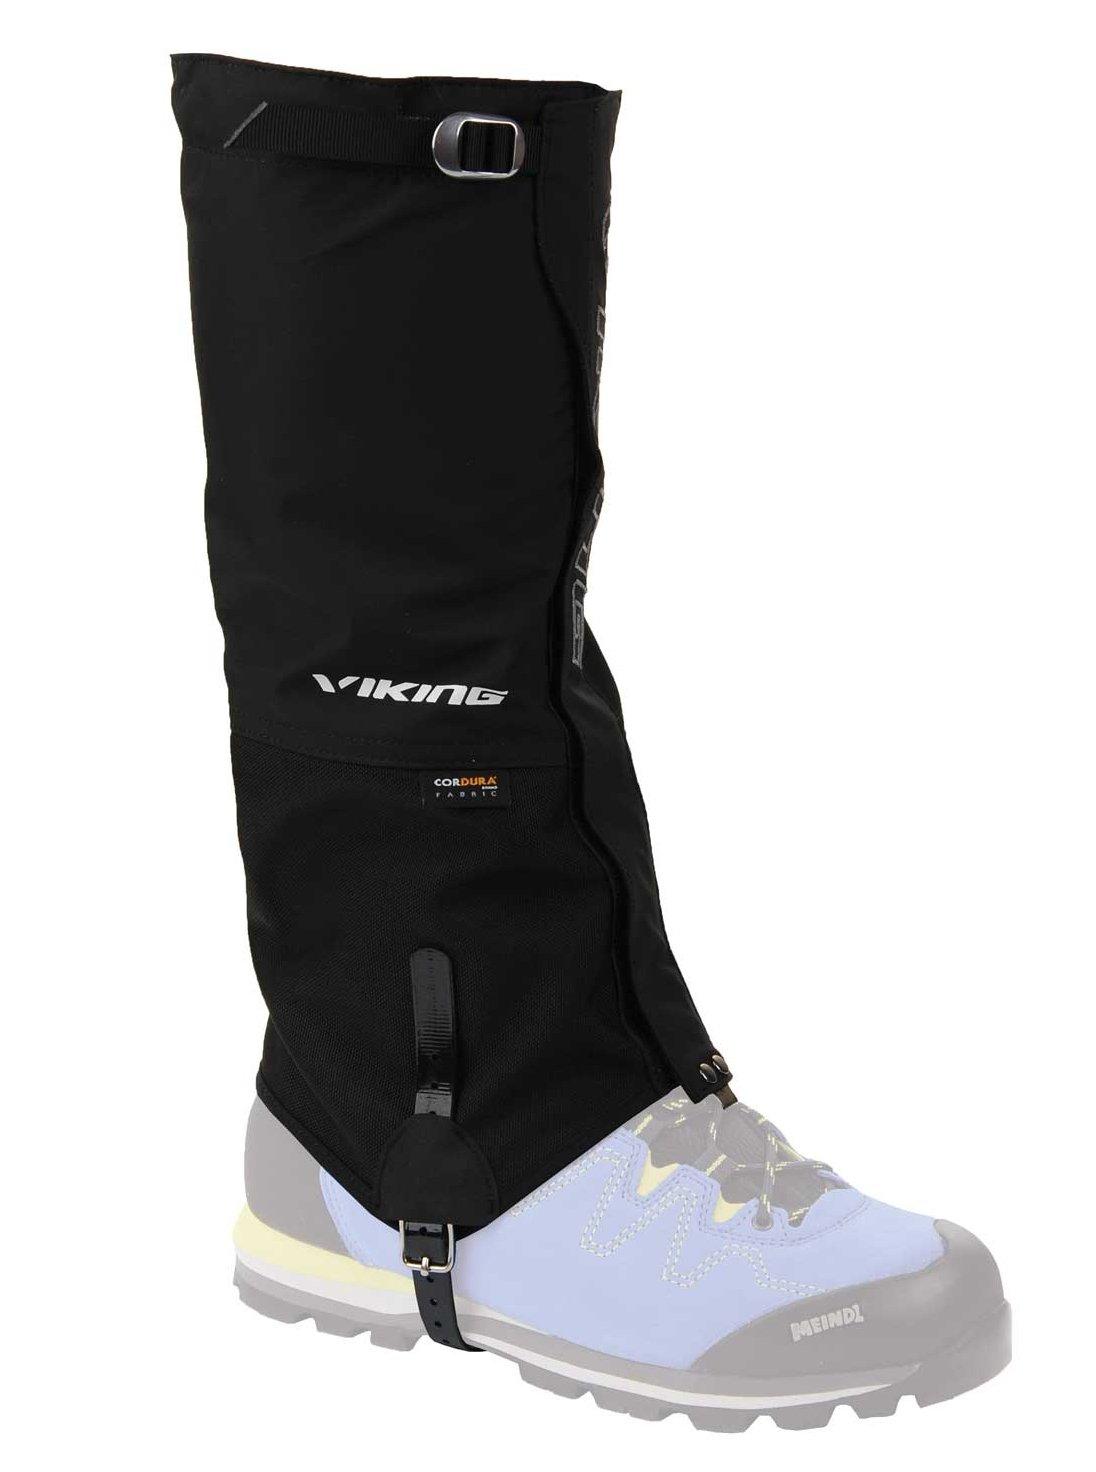 VIKING Gamaschen Damen und Herren wasserdicht Schneeschutz Regenschutz hoch - ideal für Outdoor und Trekking, sehr robust - 0374